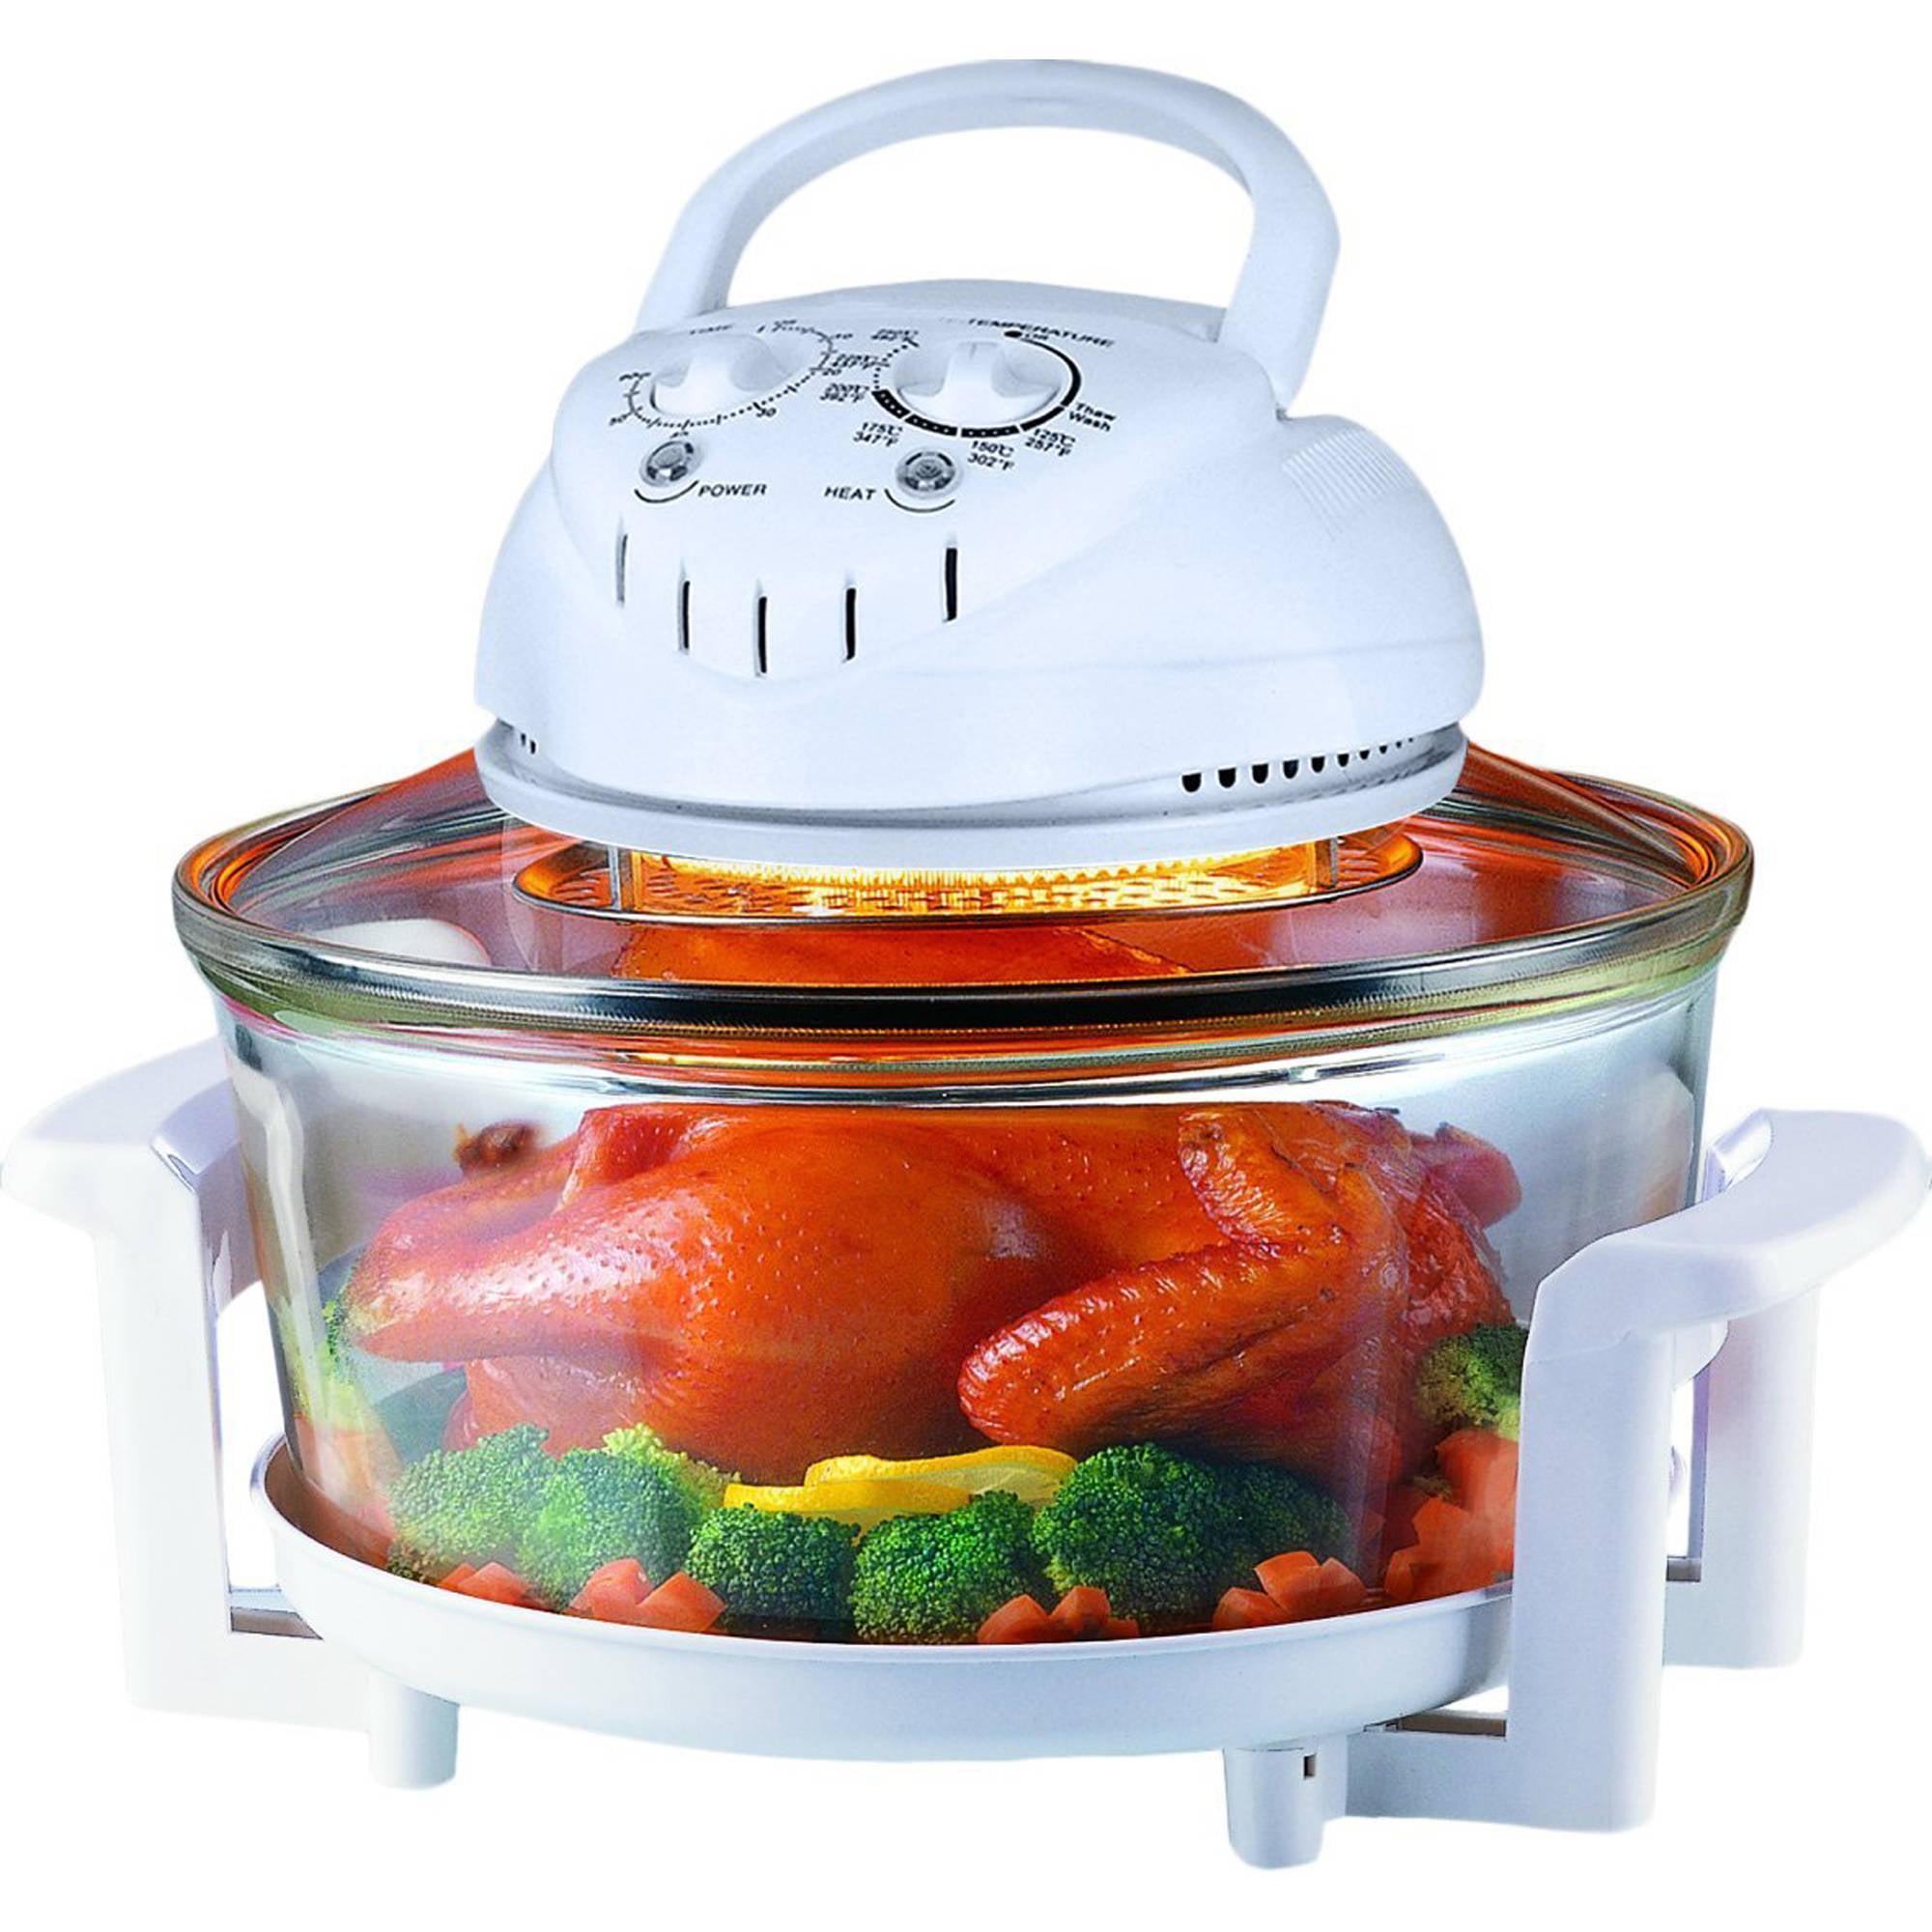 pizza convection ip countertop countertops refurbished certified cuisinart deluxe broiler walmart large com toaster oven